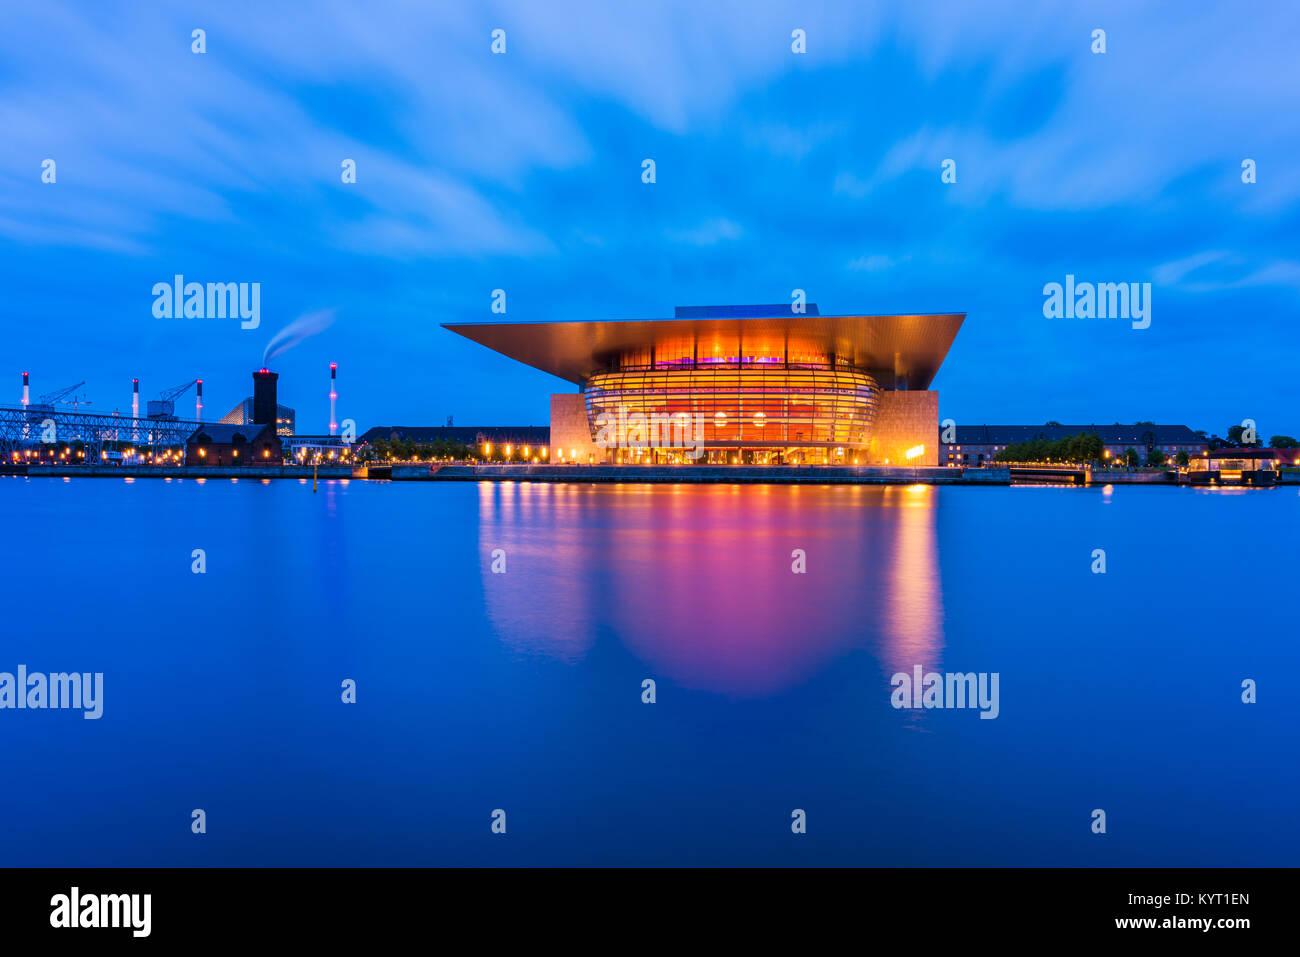 L'Opéra de Copenhague à Copenhague, Danemark. C'est l'opéra national du Danemark et a Photo Stock